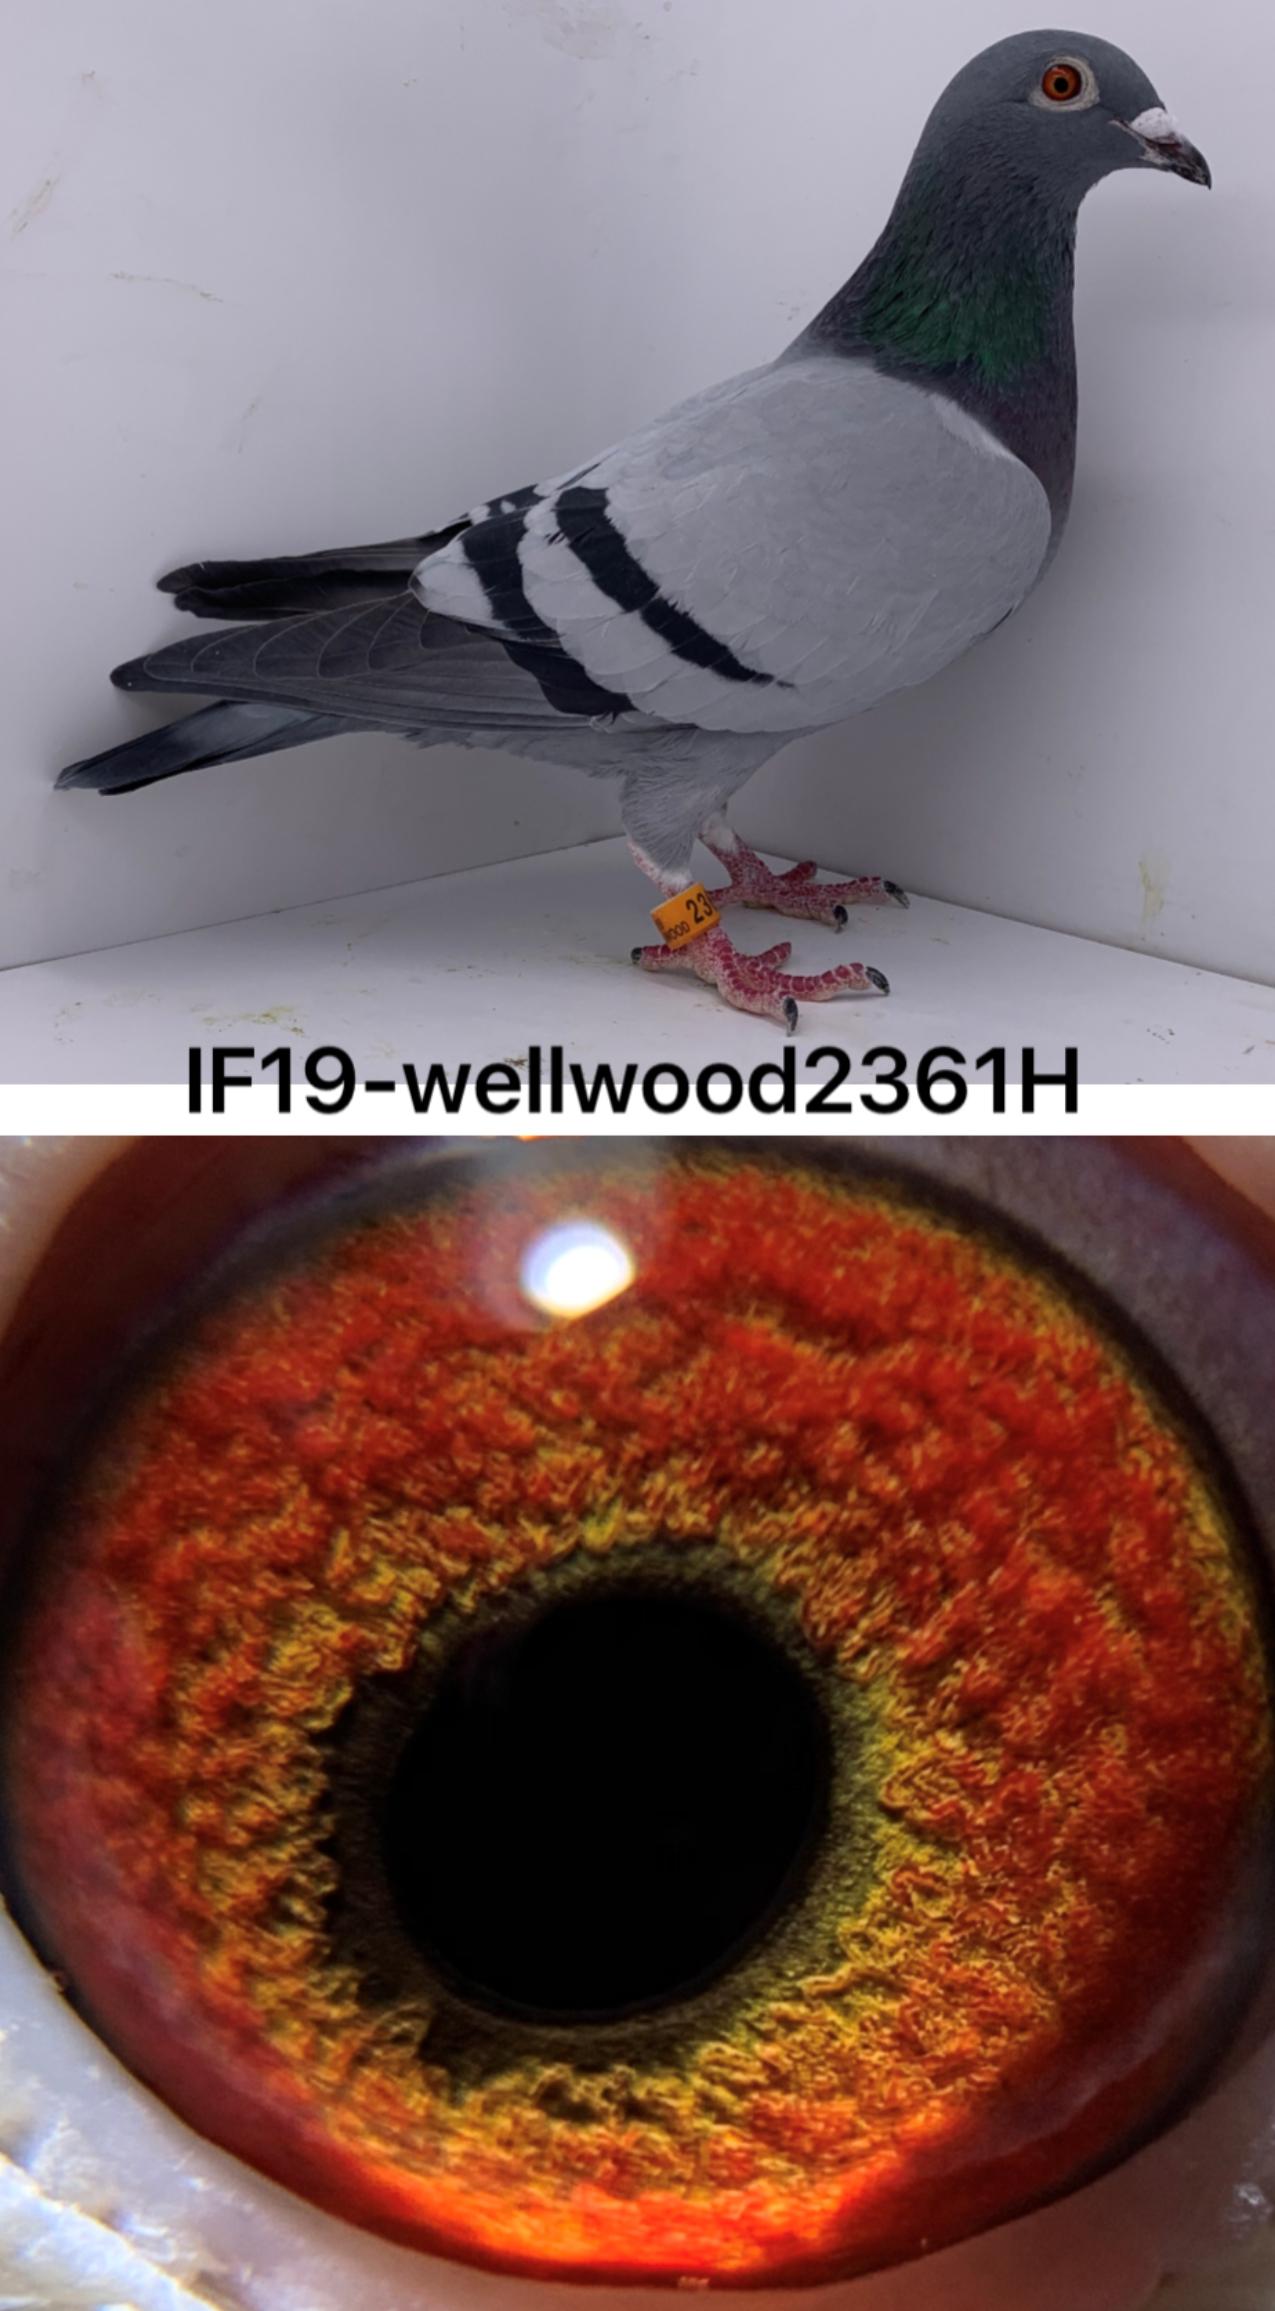 IF19-WELLWOOD2361